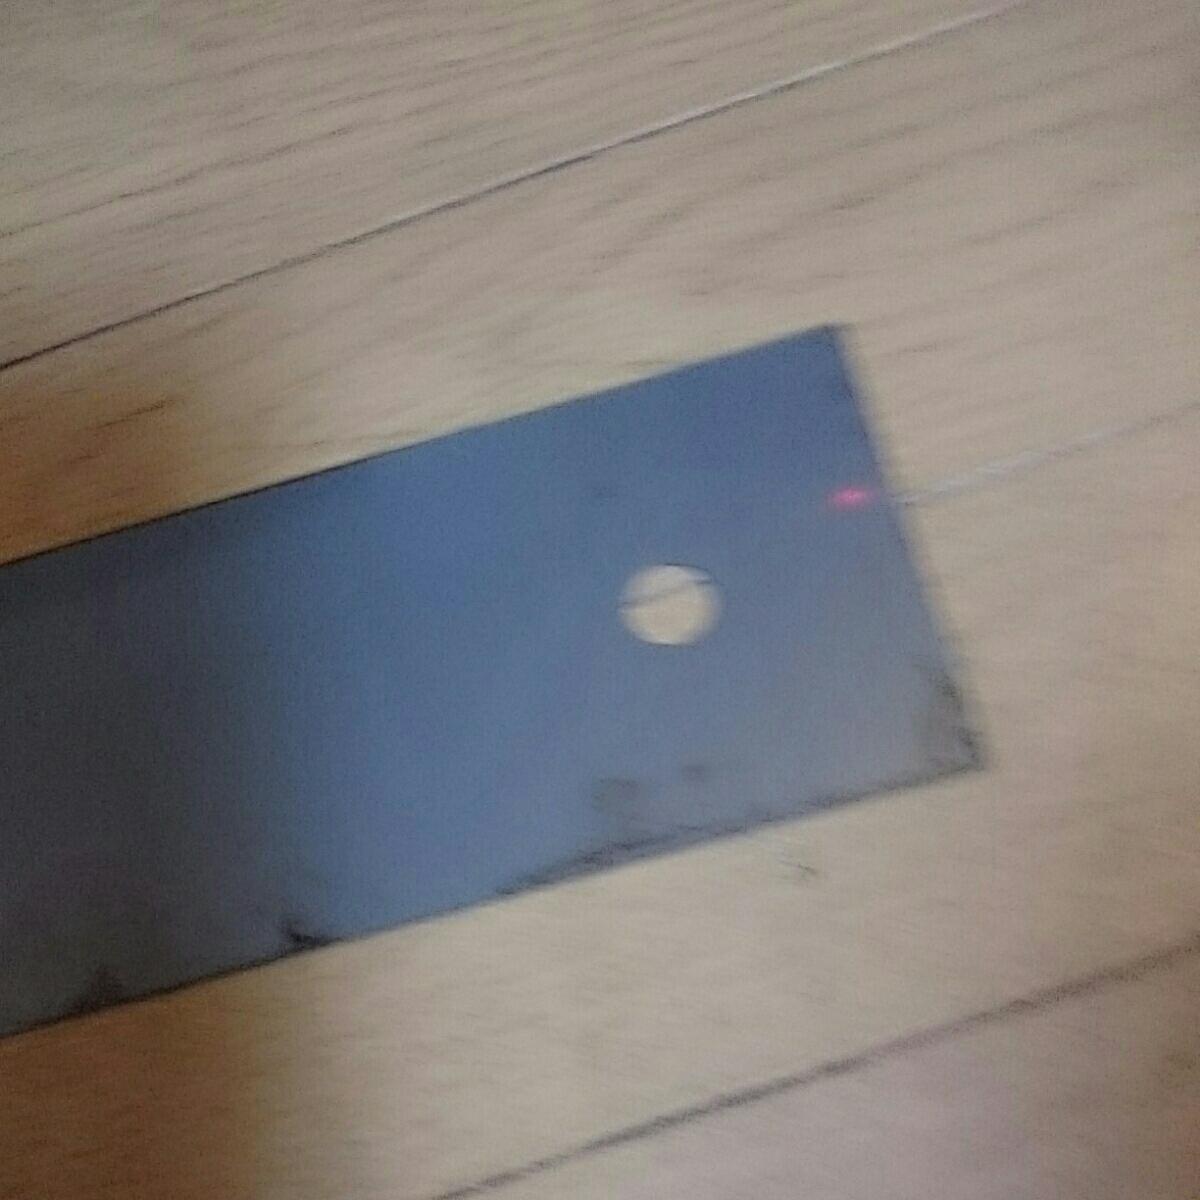 お値打ち鋼材 切板 平鋼 鋼板 鉄板 フラットバー 鉄 補強材 ストッパー 穴明き 薄板t0.5㎜ 長さ約235×75㎜ 新品 作業台 DlY等々に_画像10